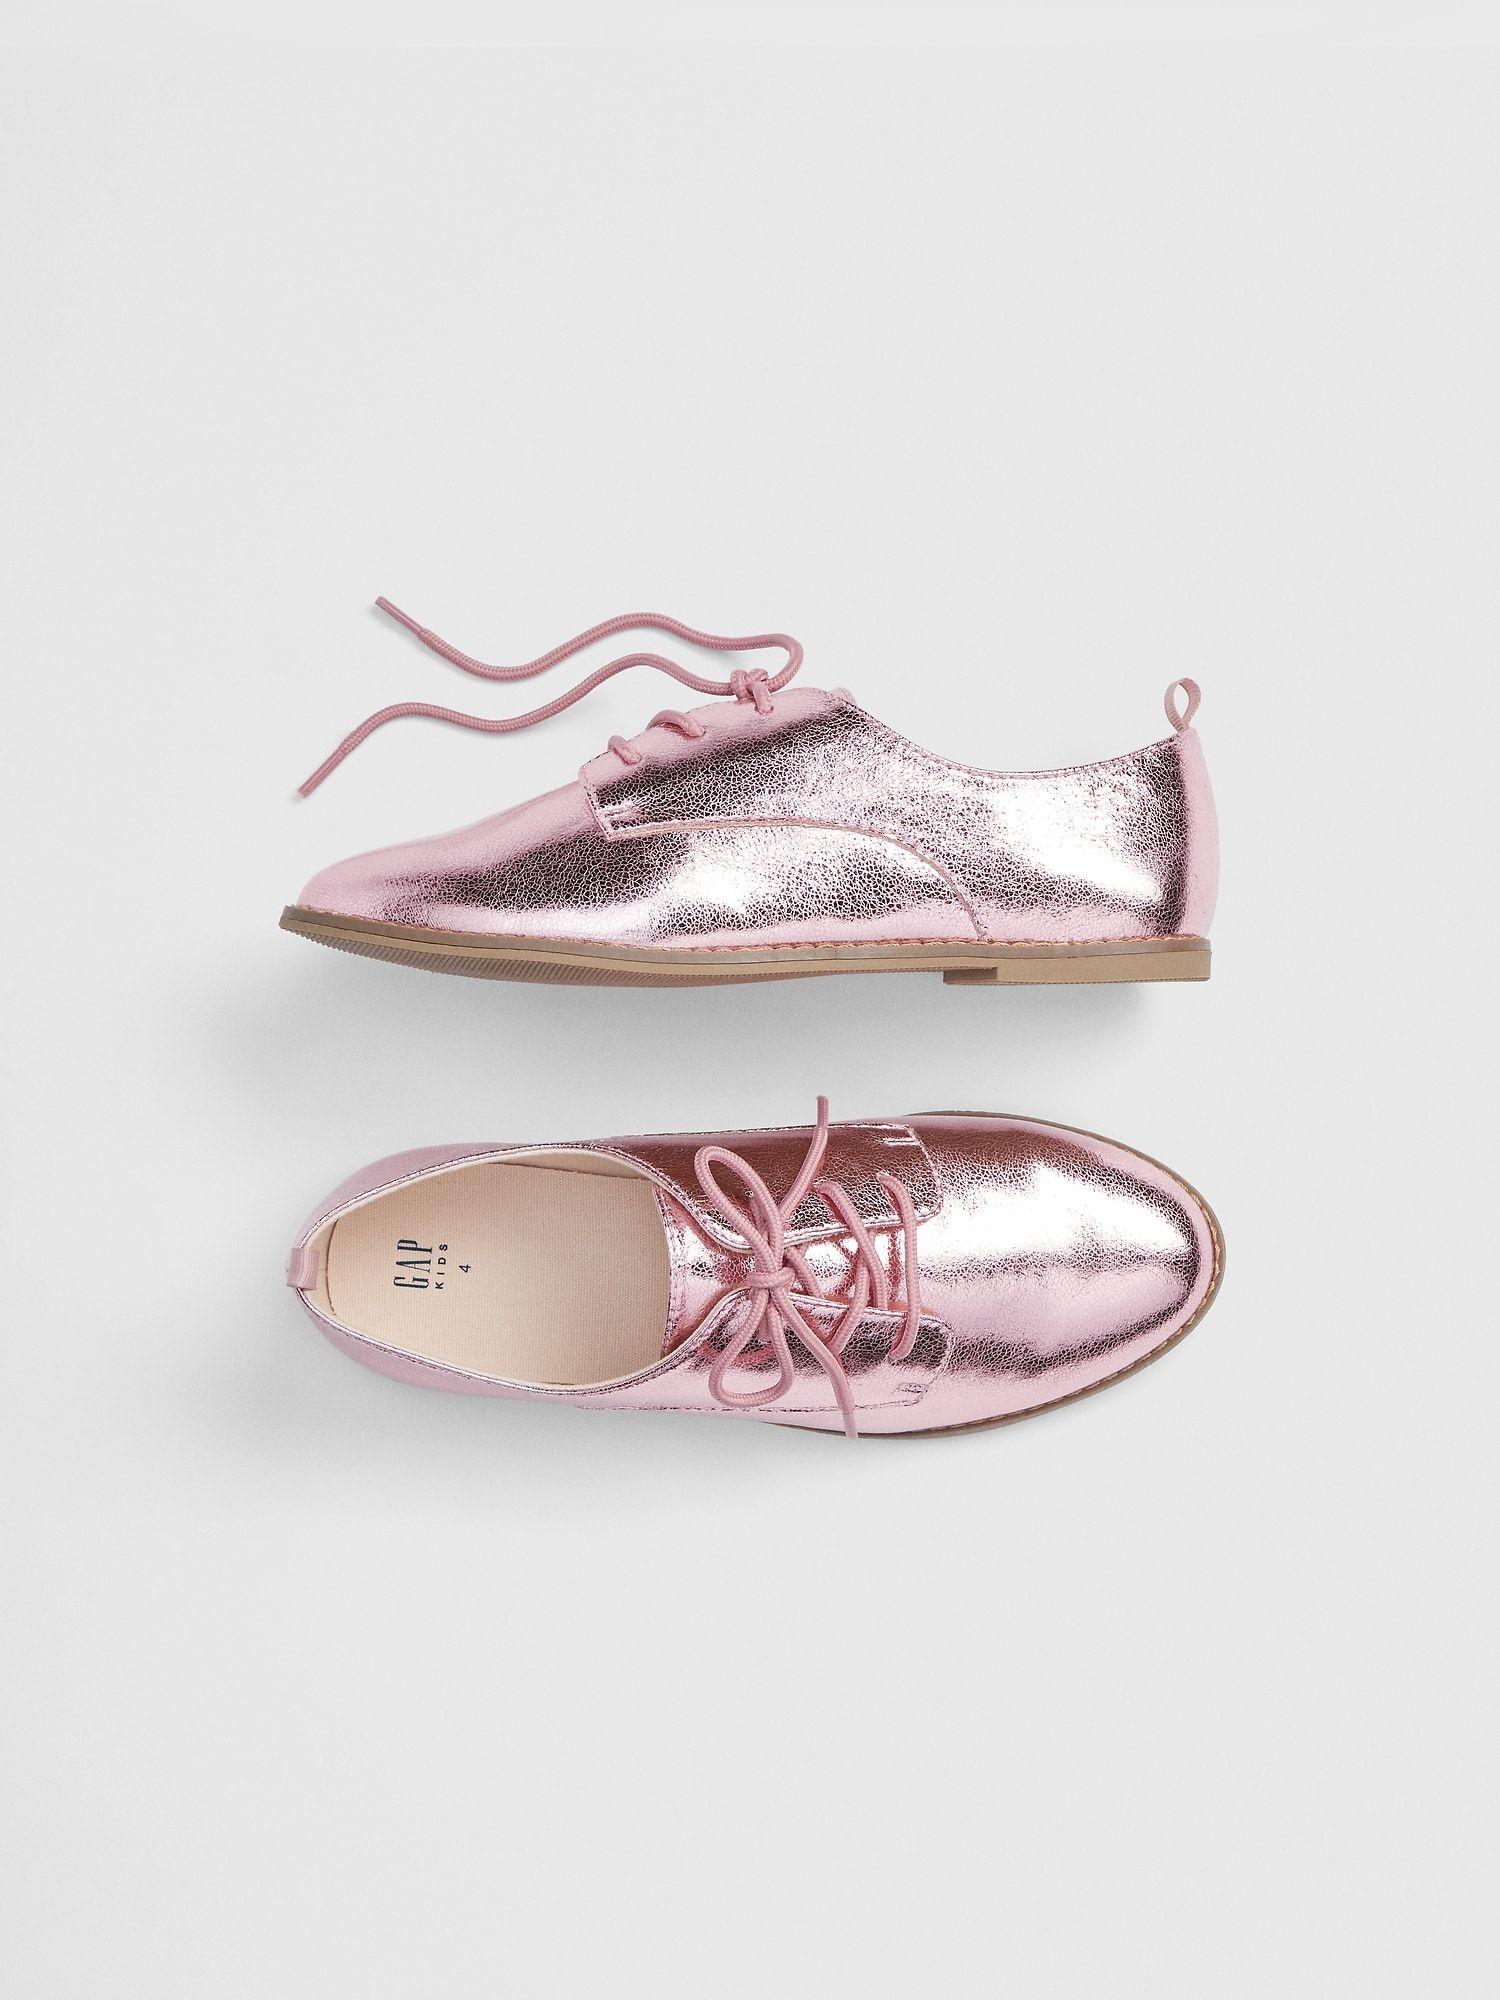 Metallic oxford shoes, Metallic oxfords